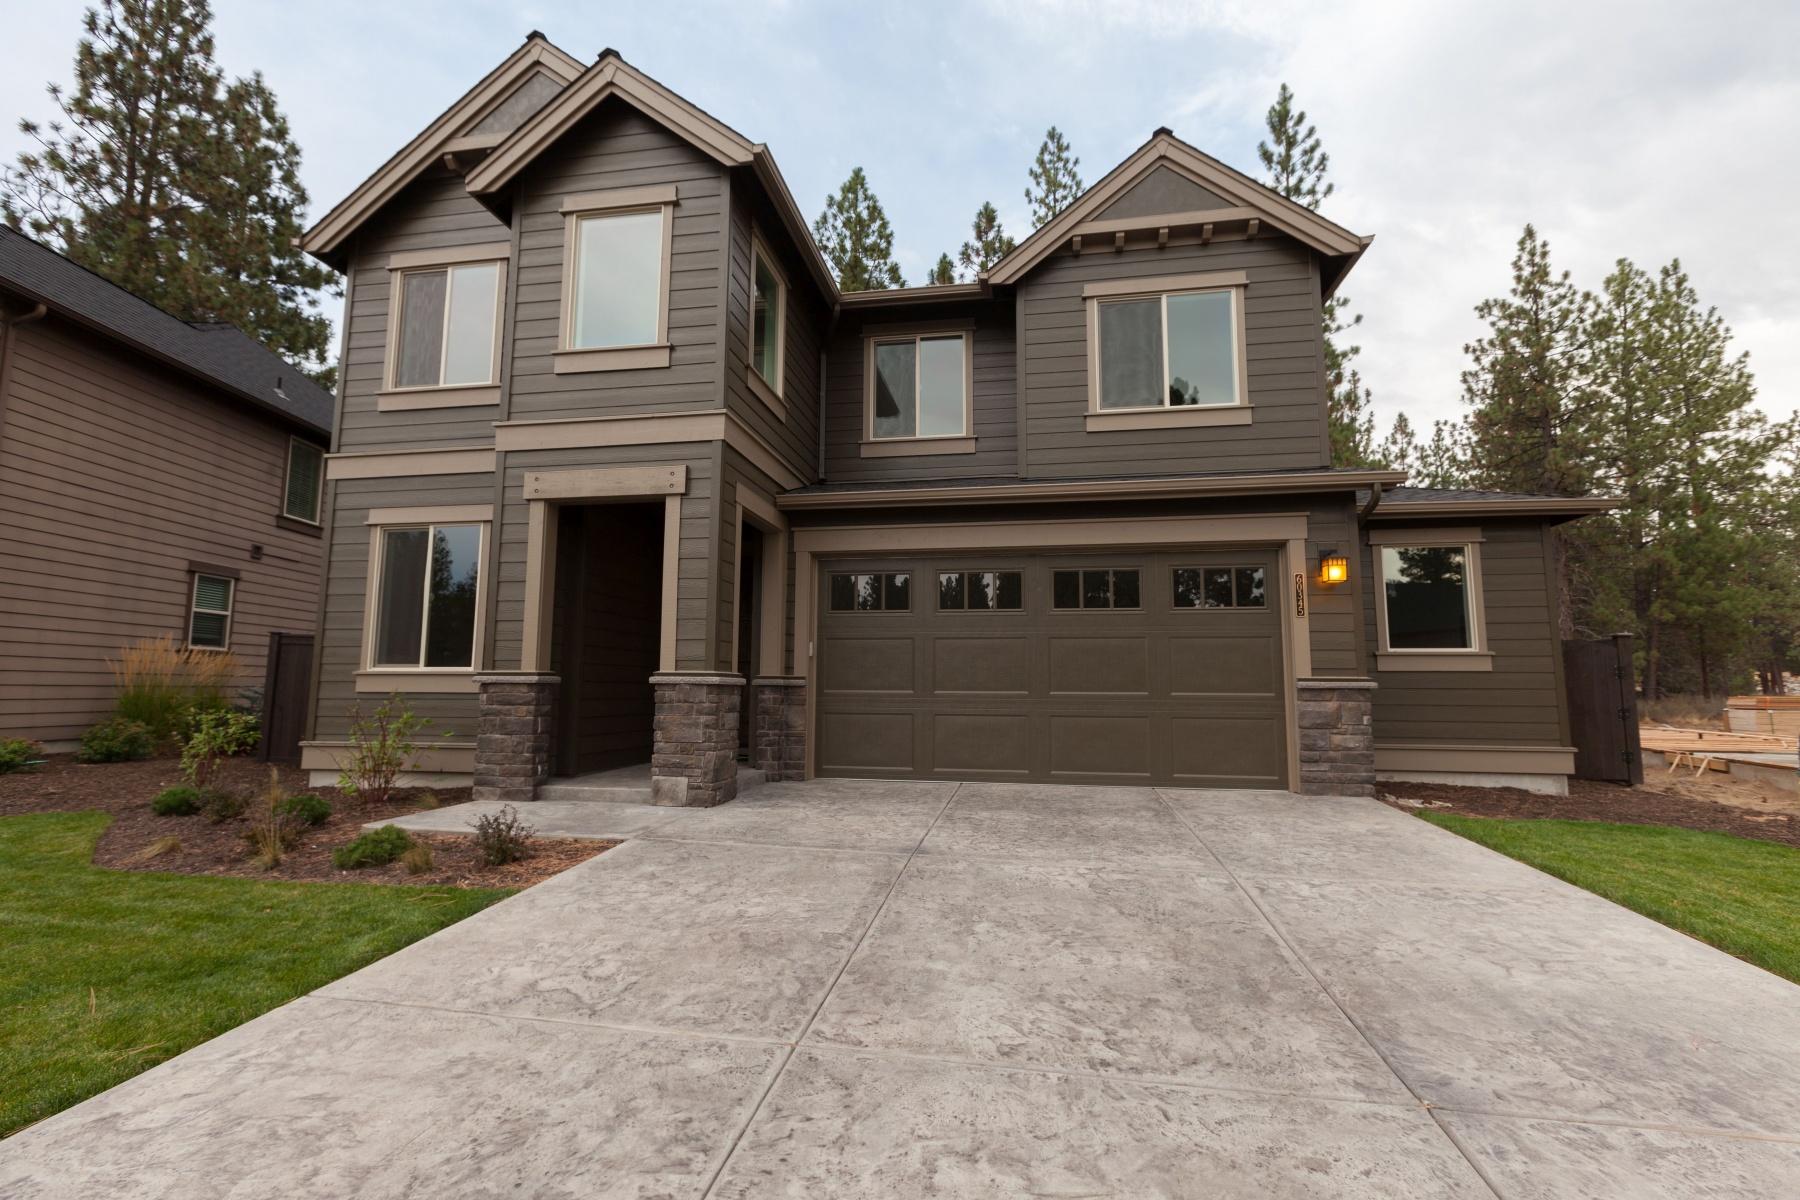 Maison unifamiliale pour l Vente à 1243 NE Sunrise Street Lot 79, PRINEVILLE 1243 NE Sunrise St Lot 79 Prineville, Oregon, 97754 États-Unis